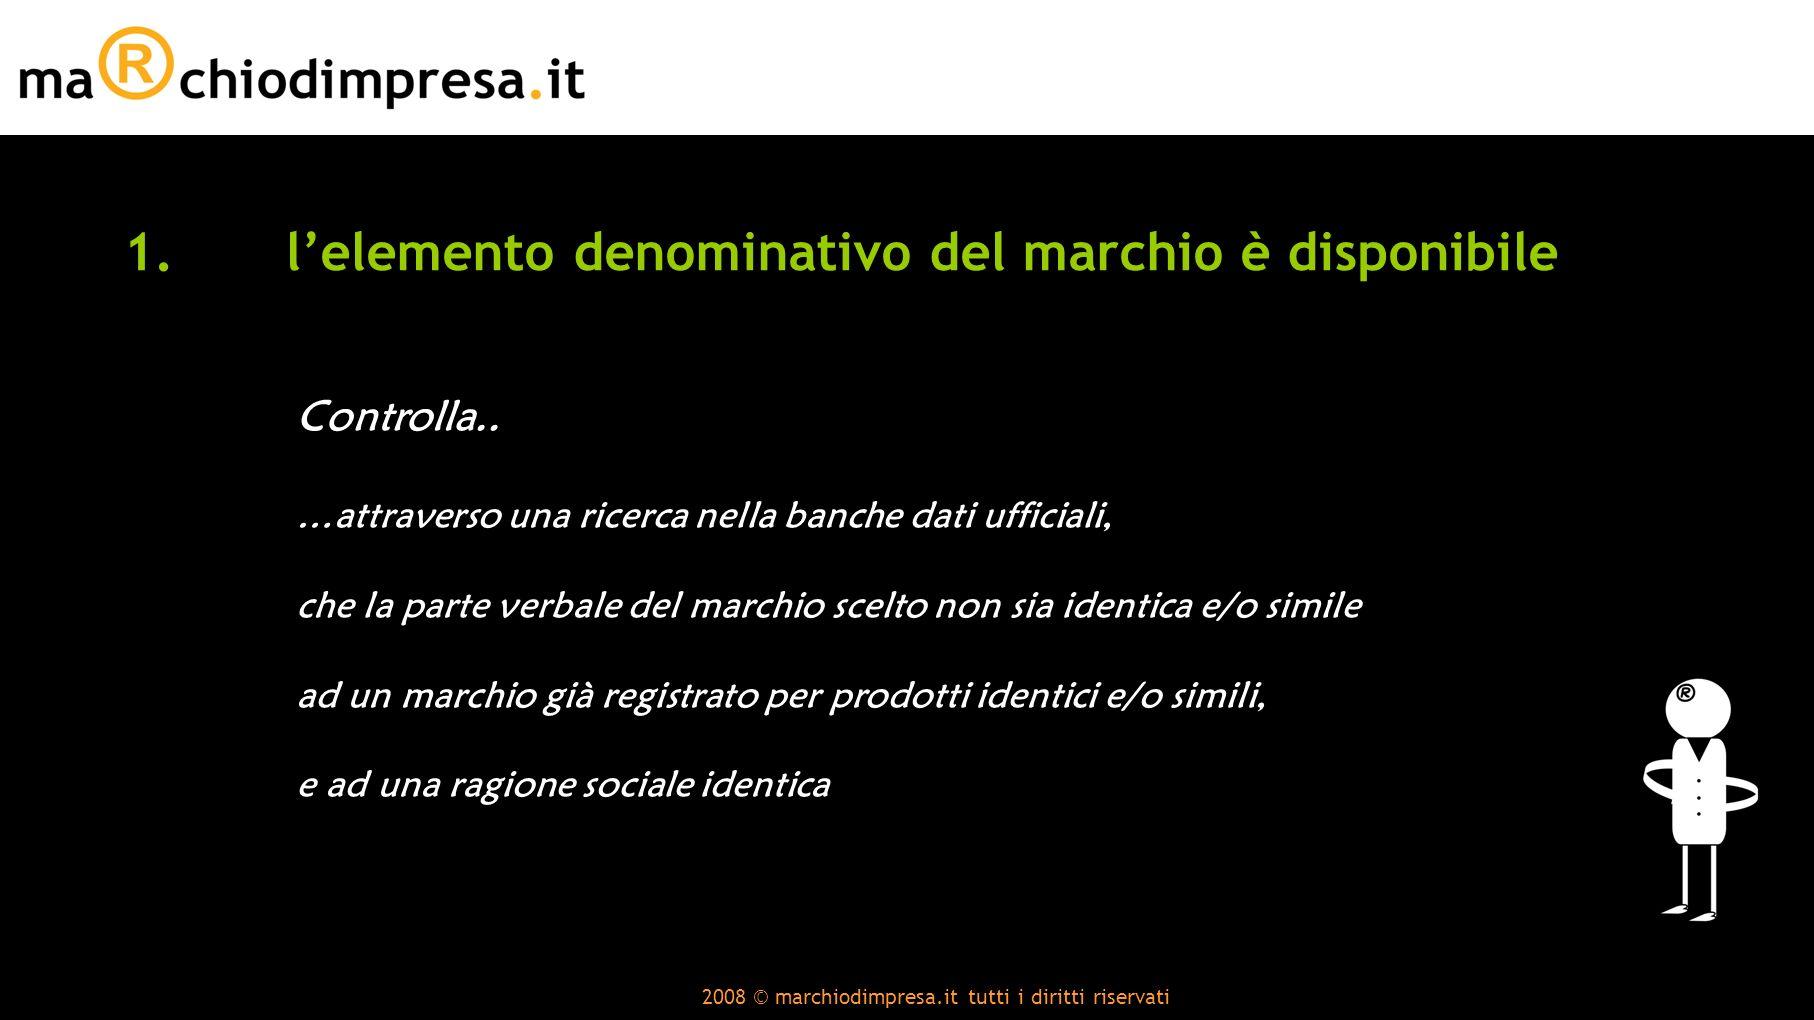 2008 © marchiodimpresa.it tutti i diritti riservati 1.lelemento denominativo del marchio è disponibile Controlla..